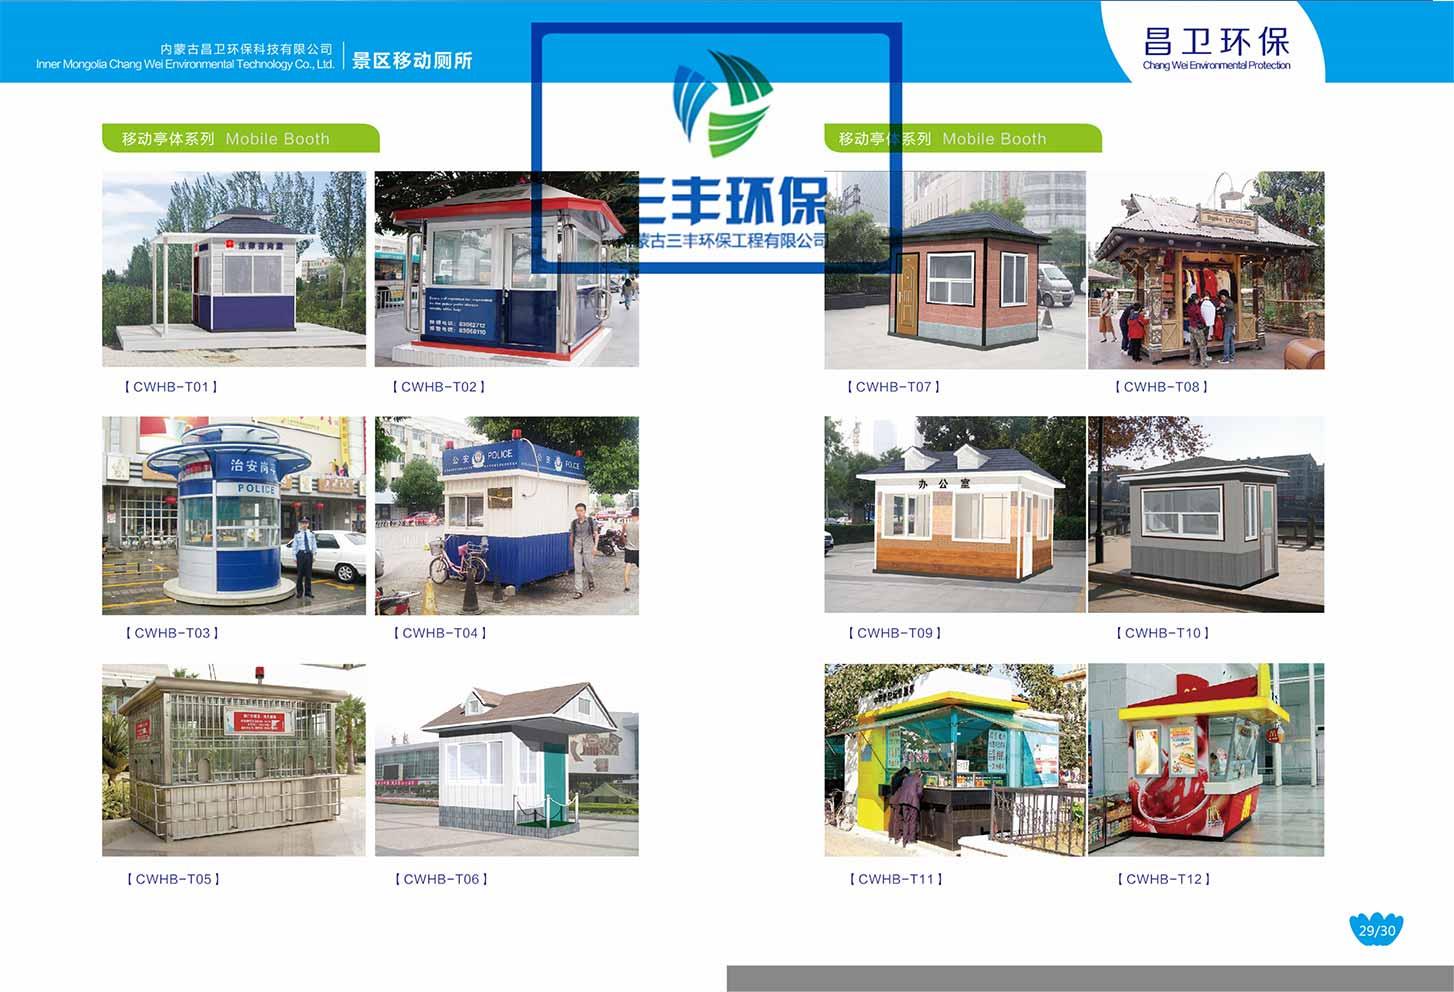 内蒙古景区环保厕所要多少钱 欢迎咨询 内蒙古三丰环保工程yabovip168.con